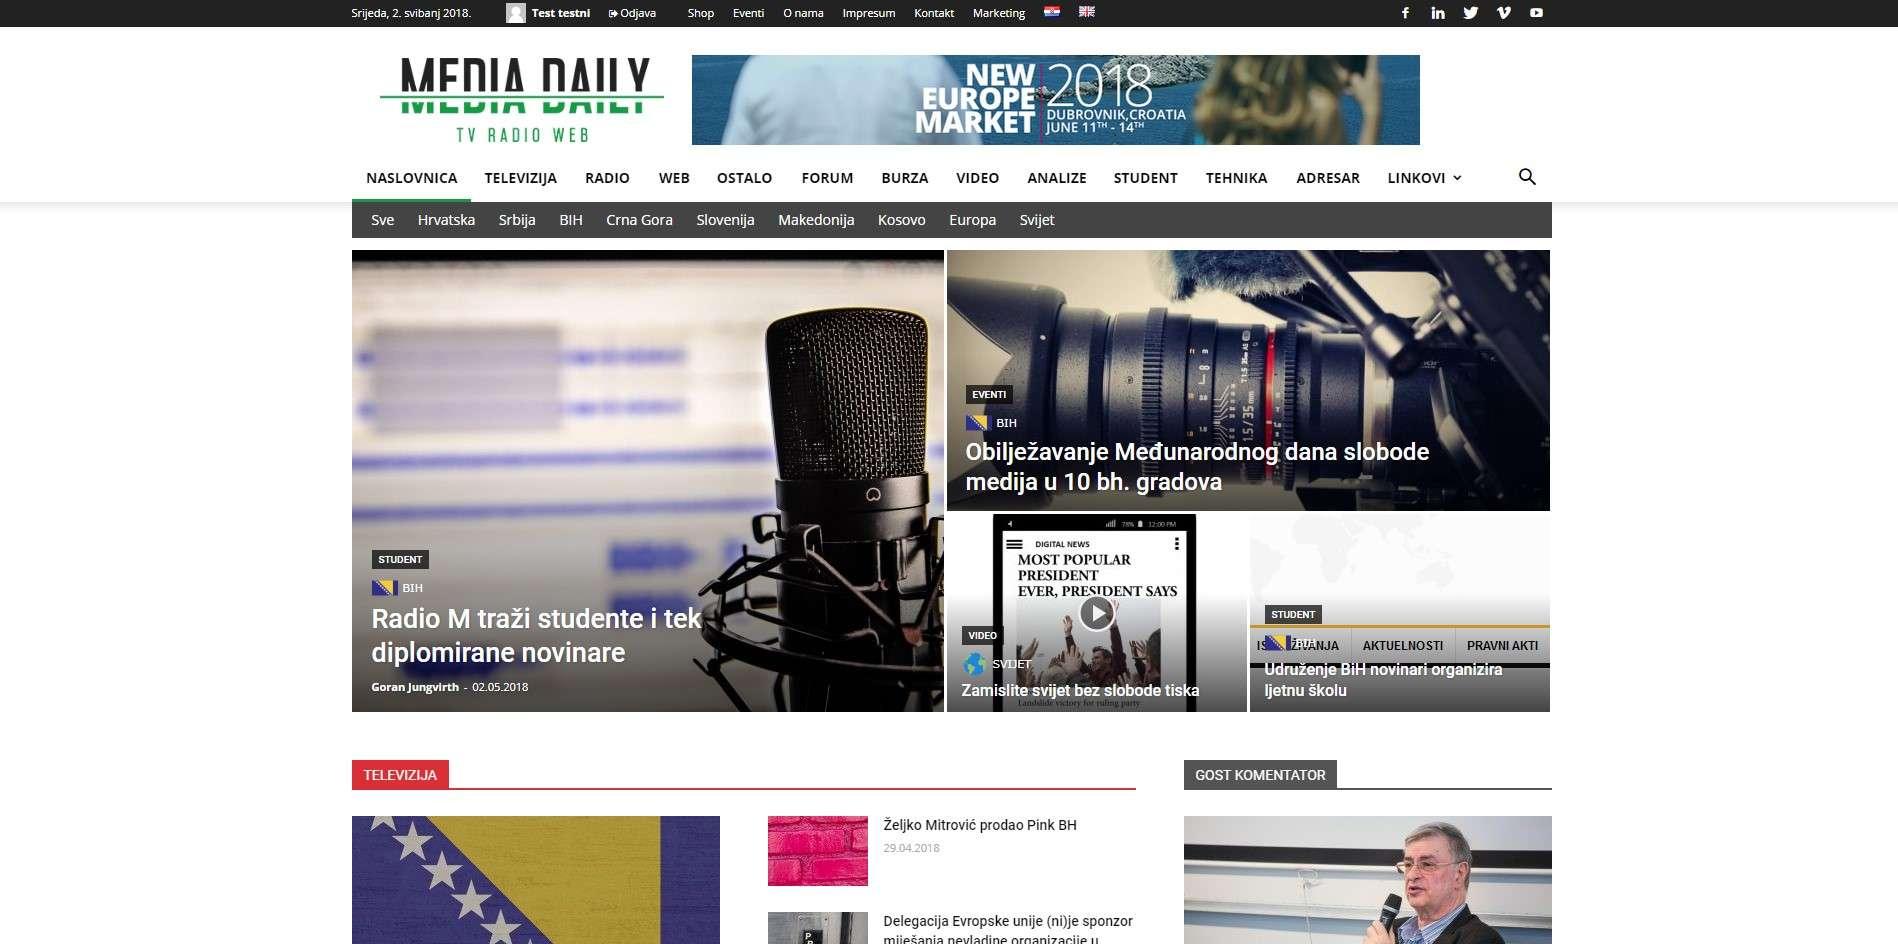 Media Daily web portal